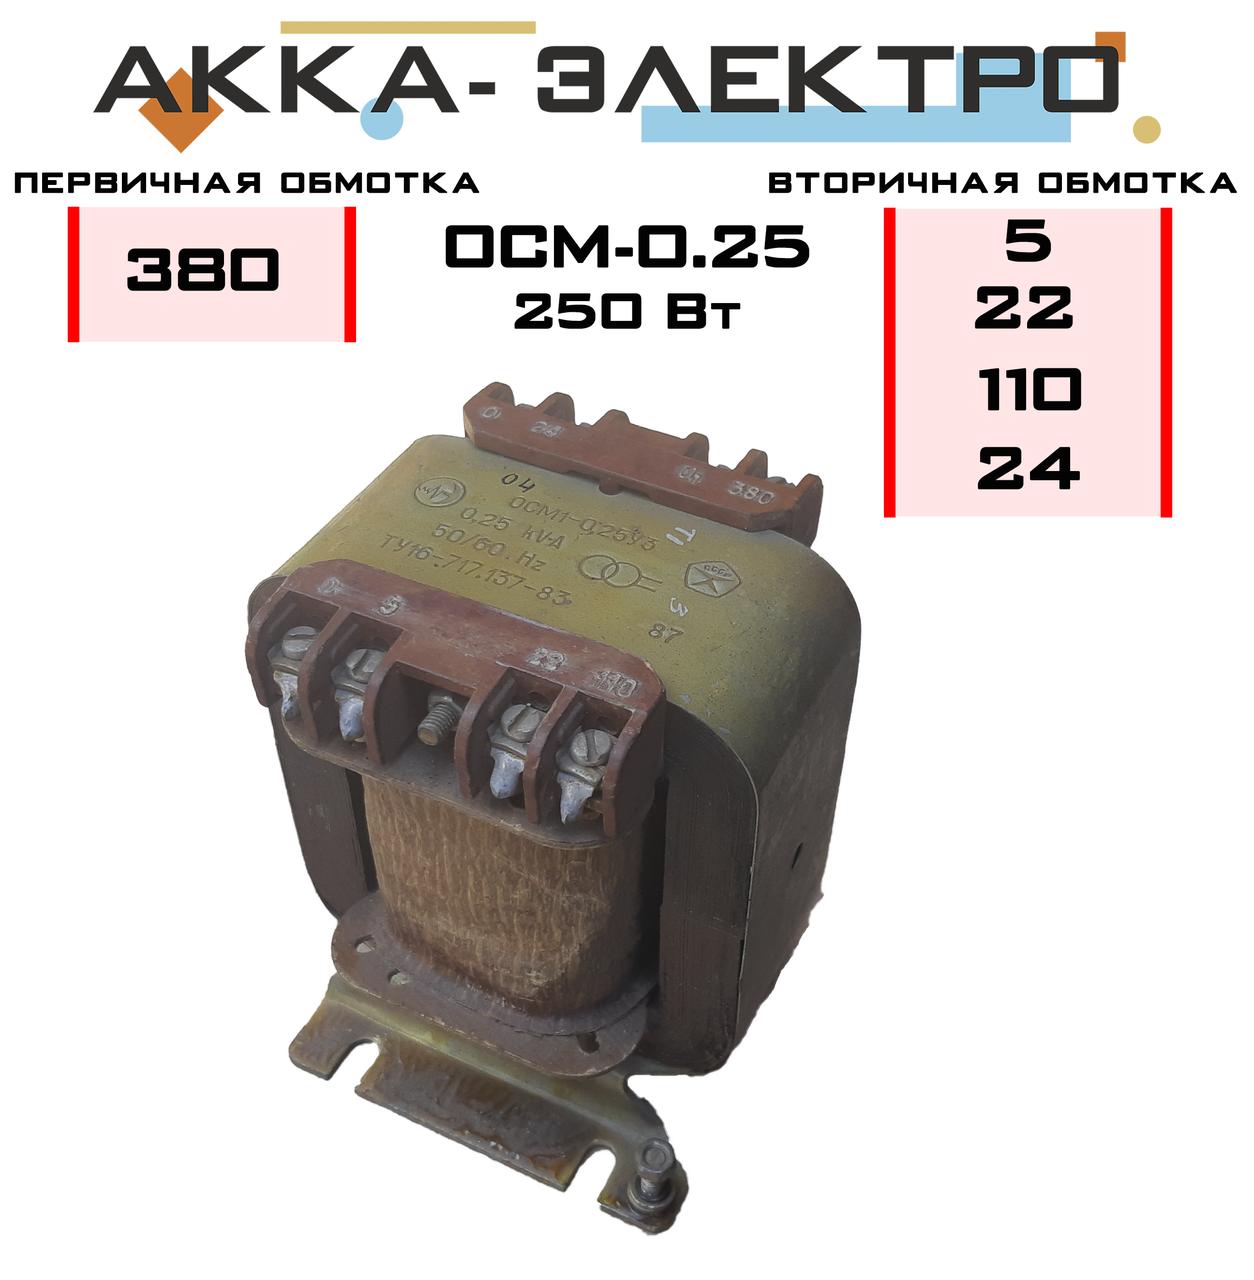 Понижуючий трансформатор ОСМ1-0,25   380/5/22/110/24 (250Вт)